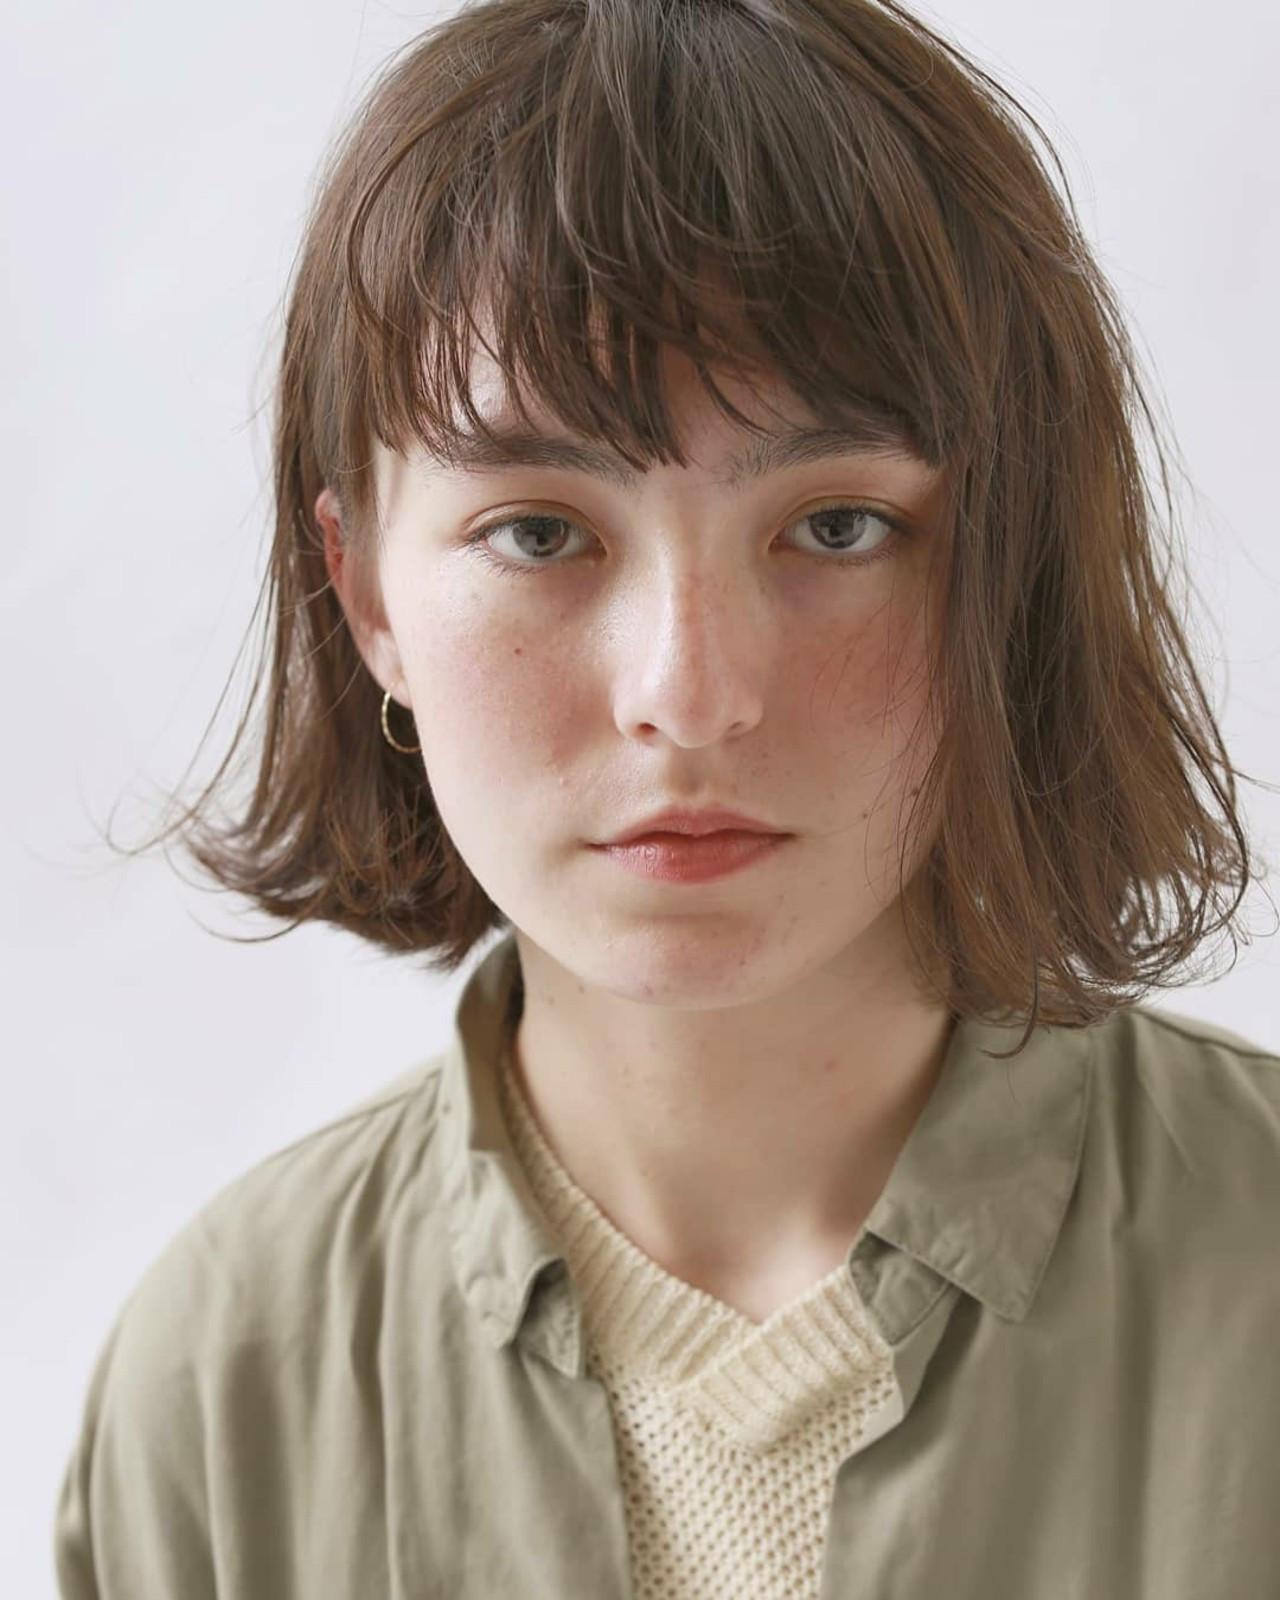 柔らかさとおしゃれさがMIXしたオリーブブラウン Yukie Horiuchi